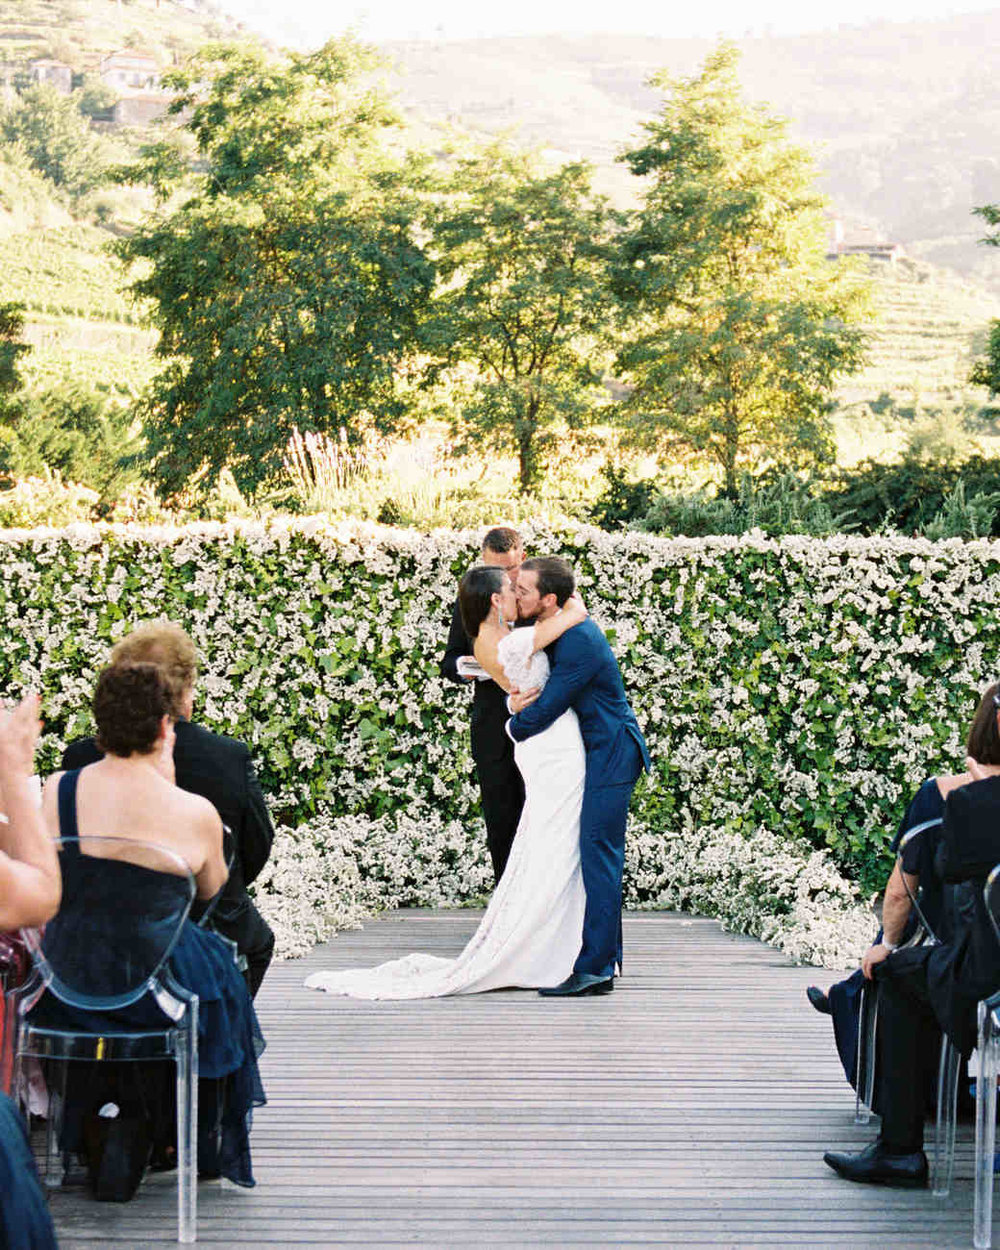 jeannette-taylor-wedding-portugal-ceremony-103118057_vert.jpg